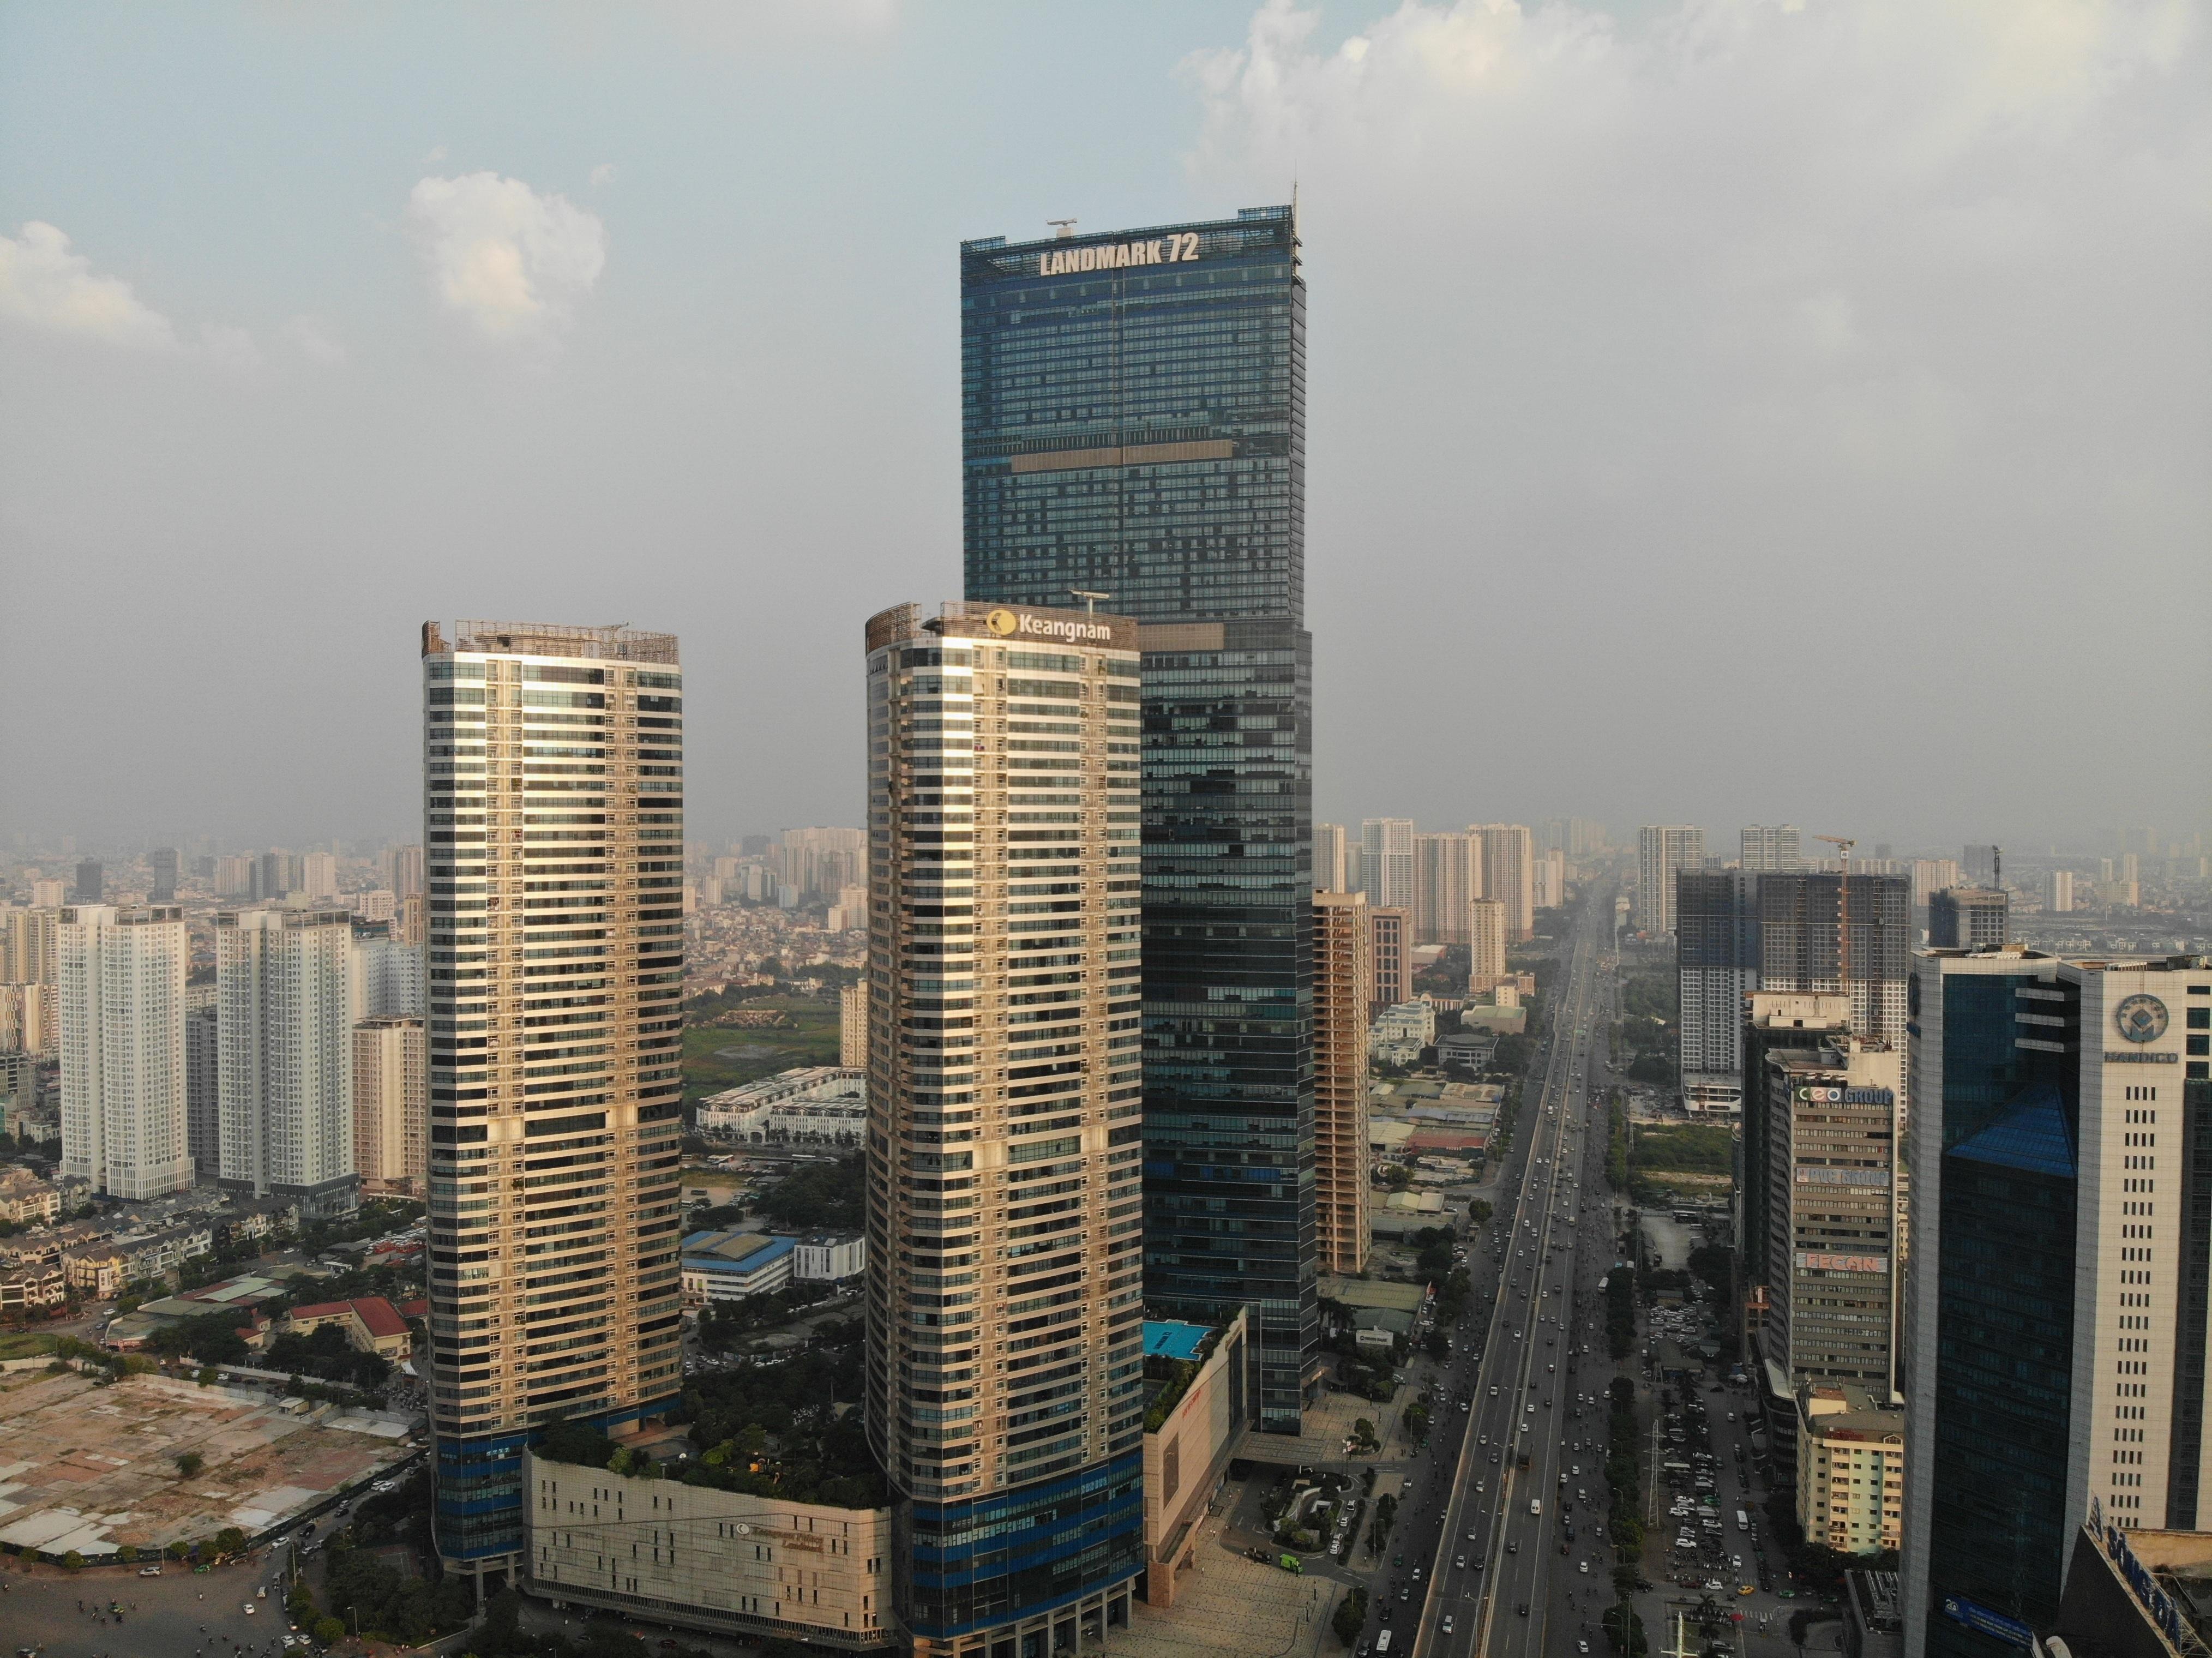 Những hình ảnh của 4 tòa nhà cao nhất Hà Nội nhìn từ trên cao - 10